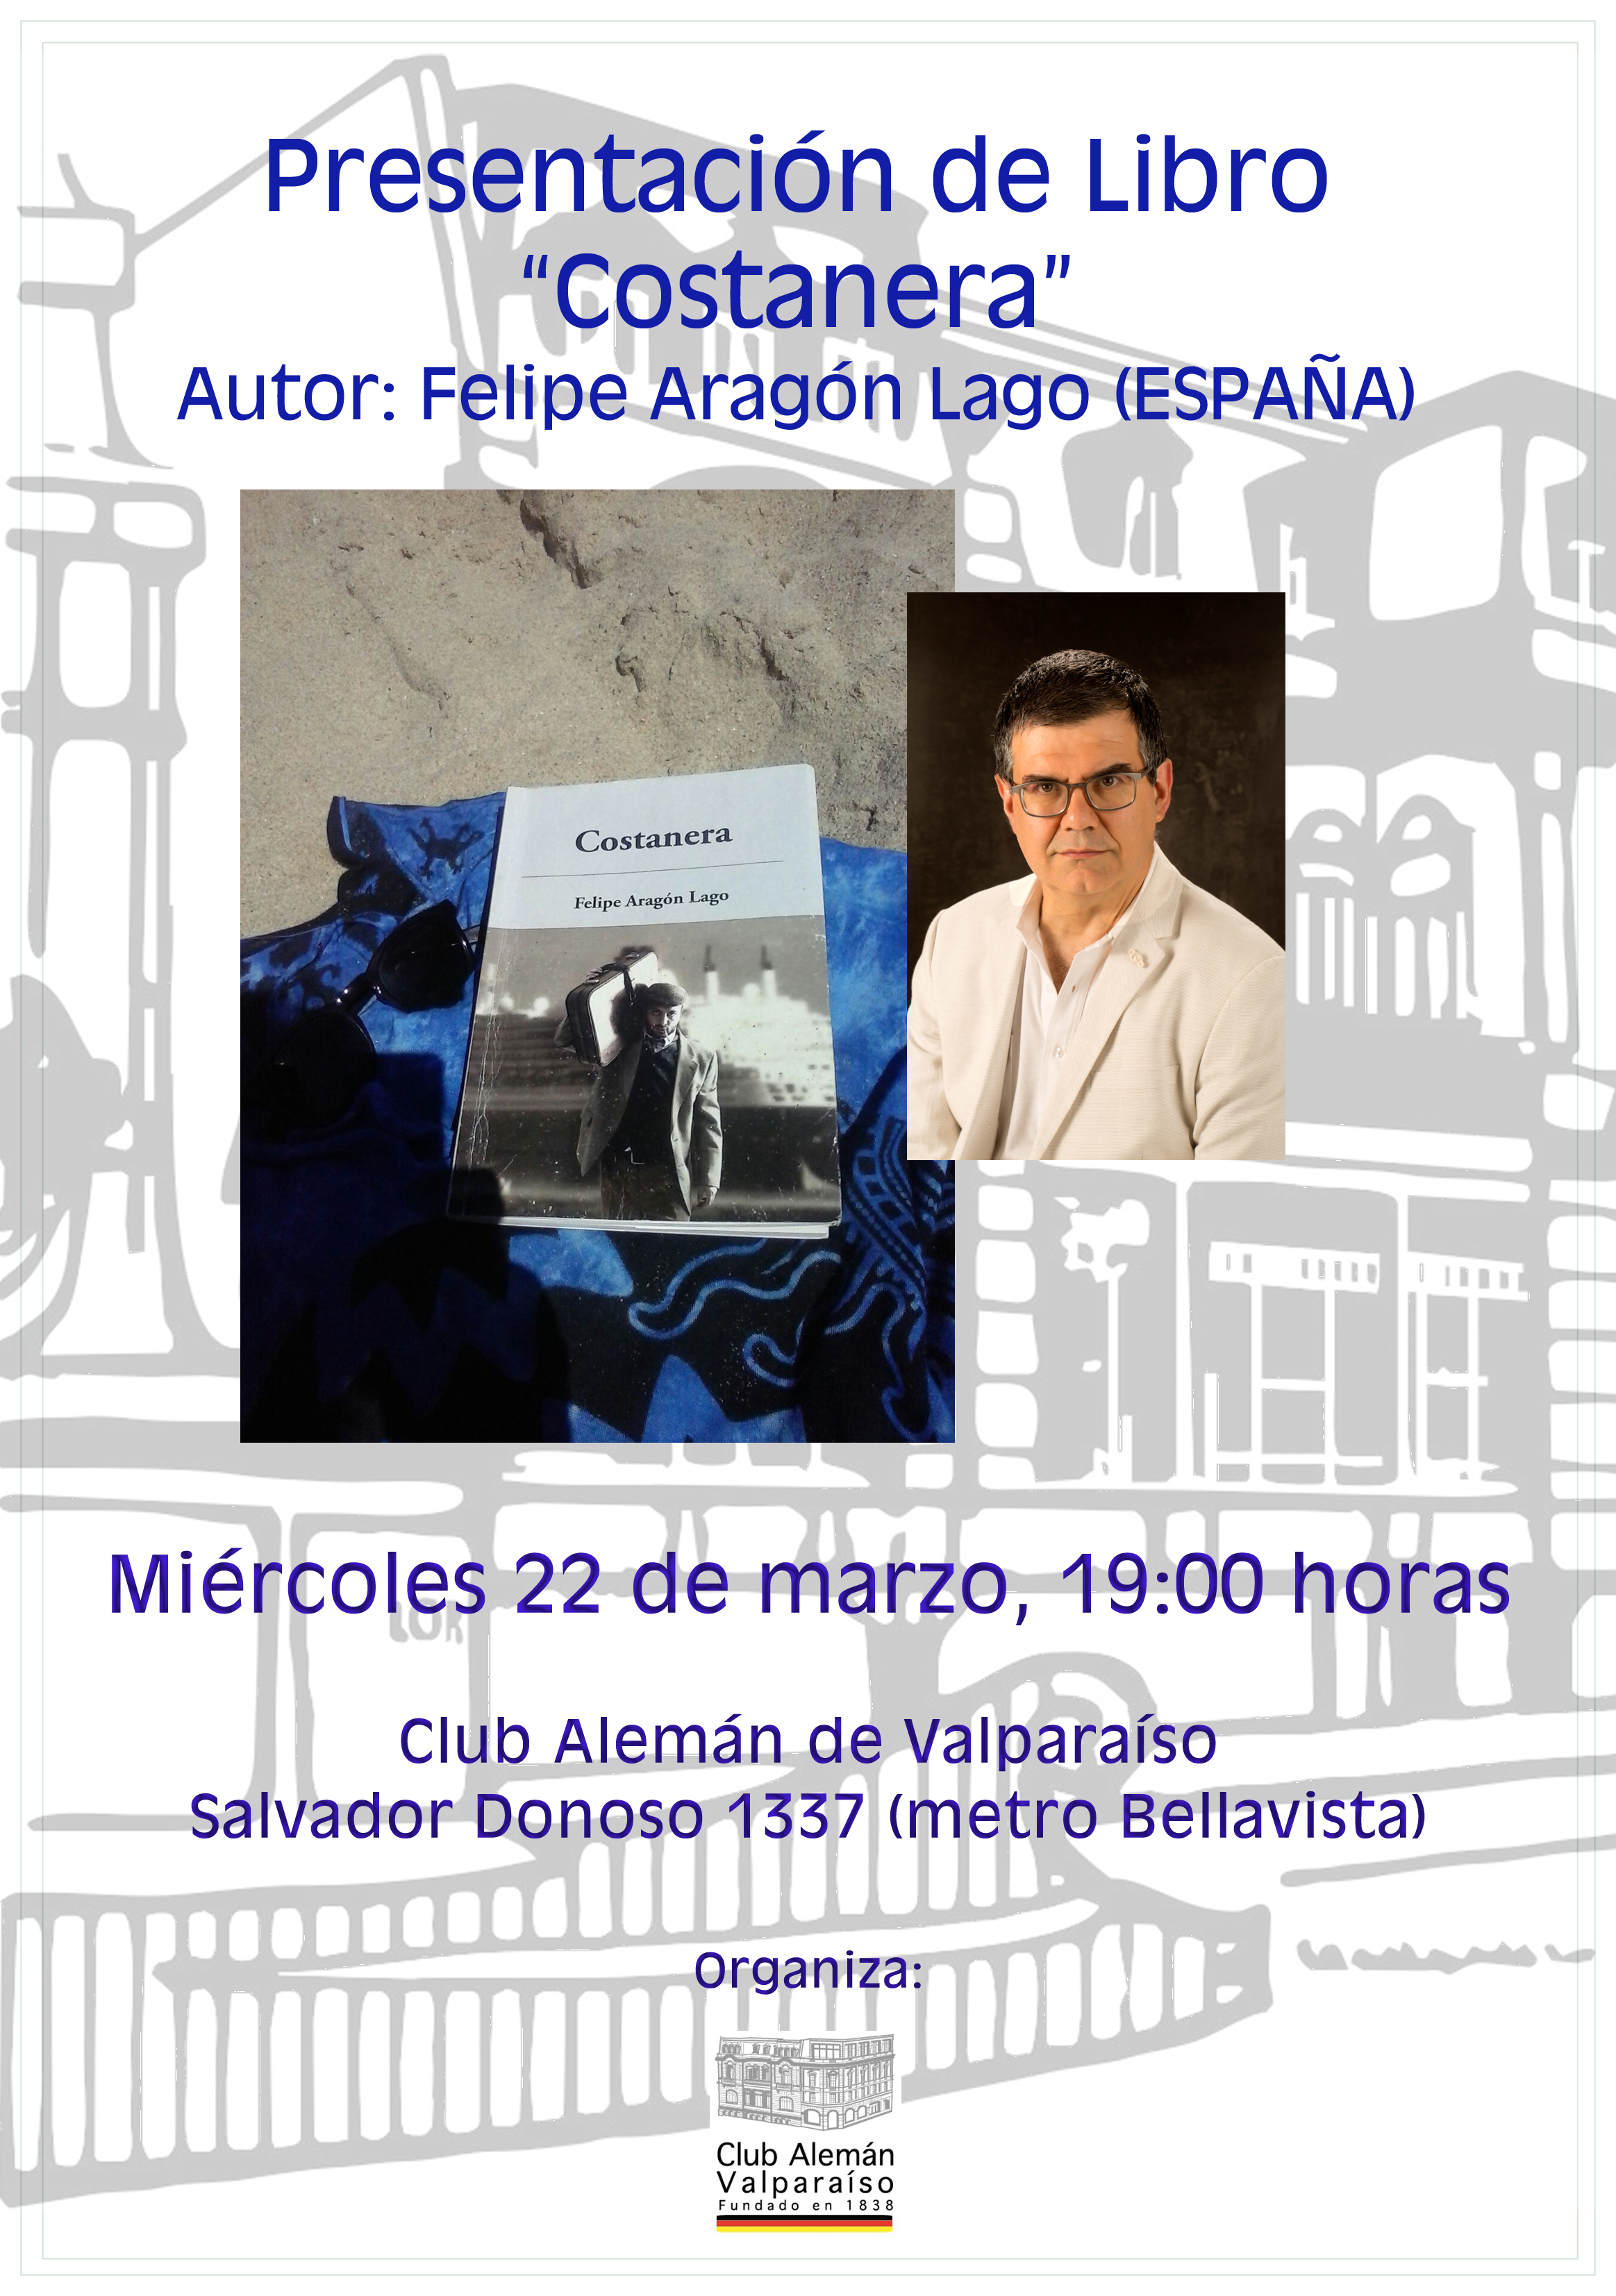 """Presentación de libro """"Costanera"""" de Felipe Aragón (España)"""